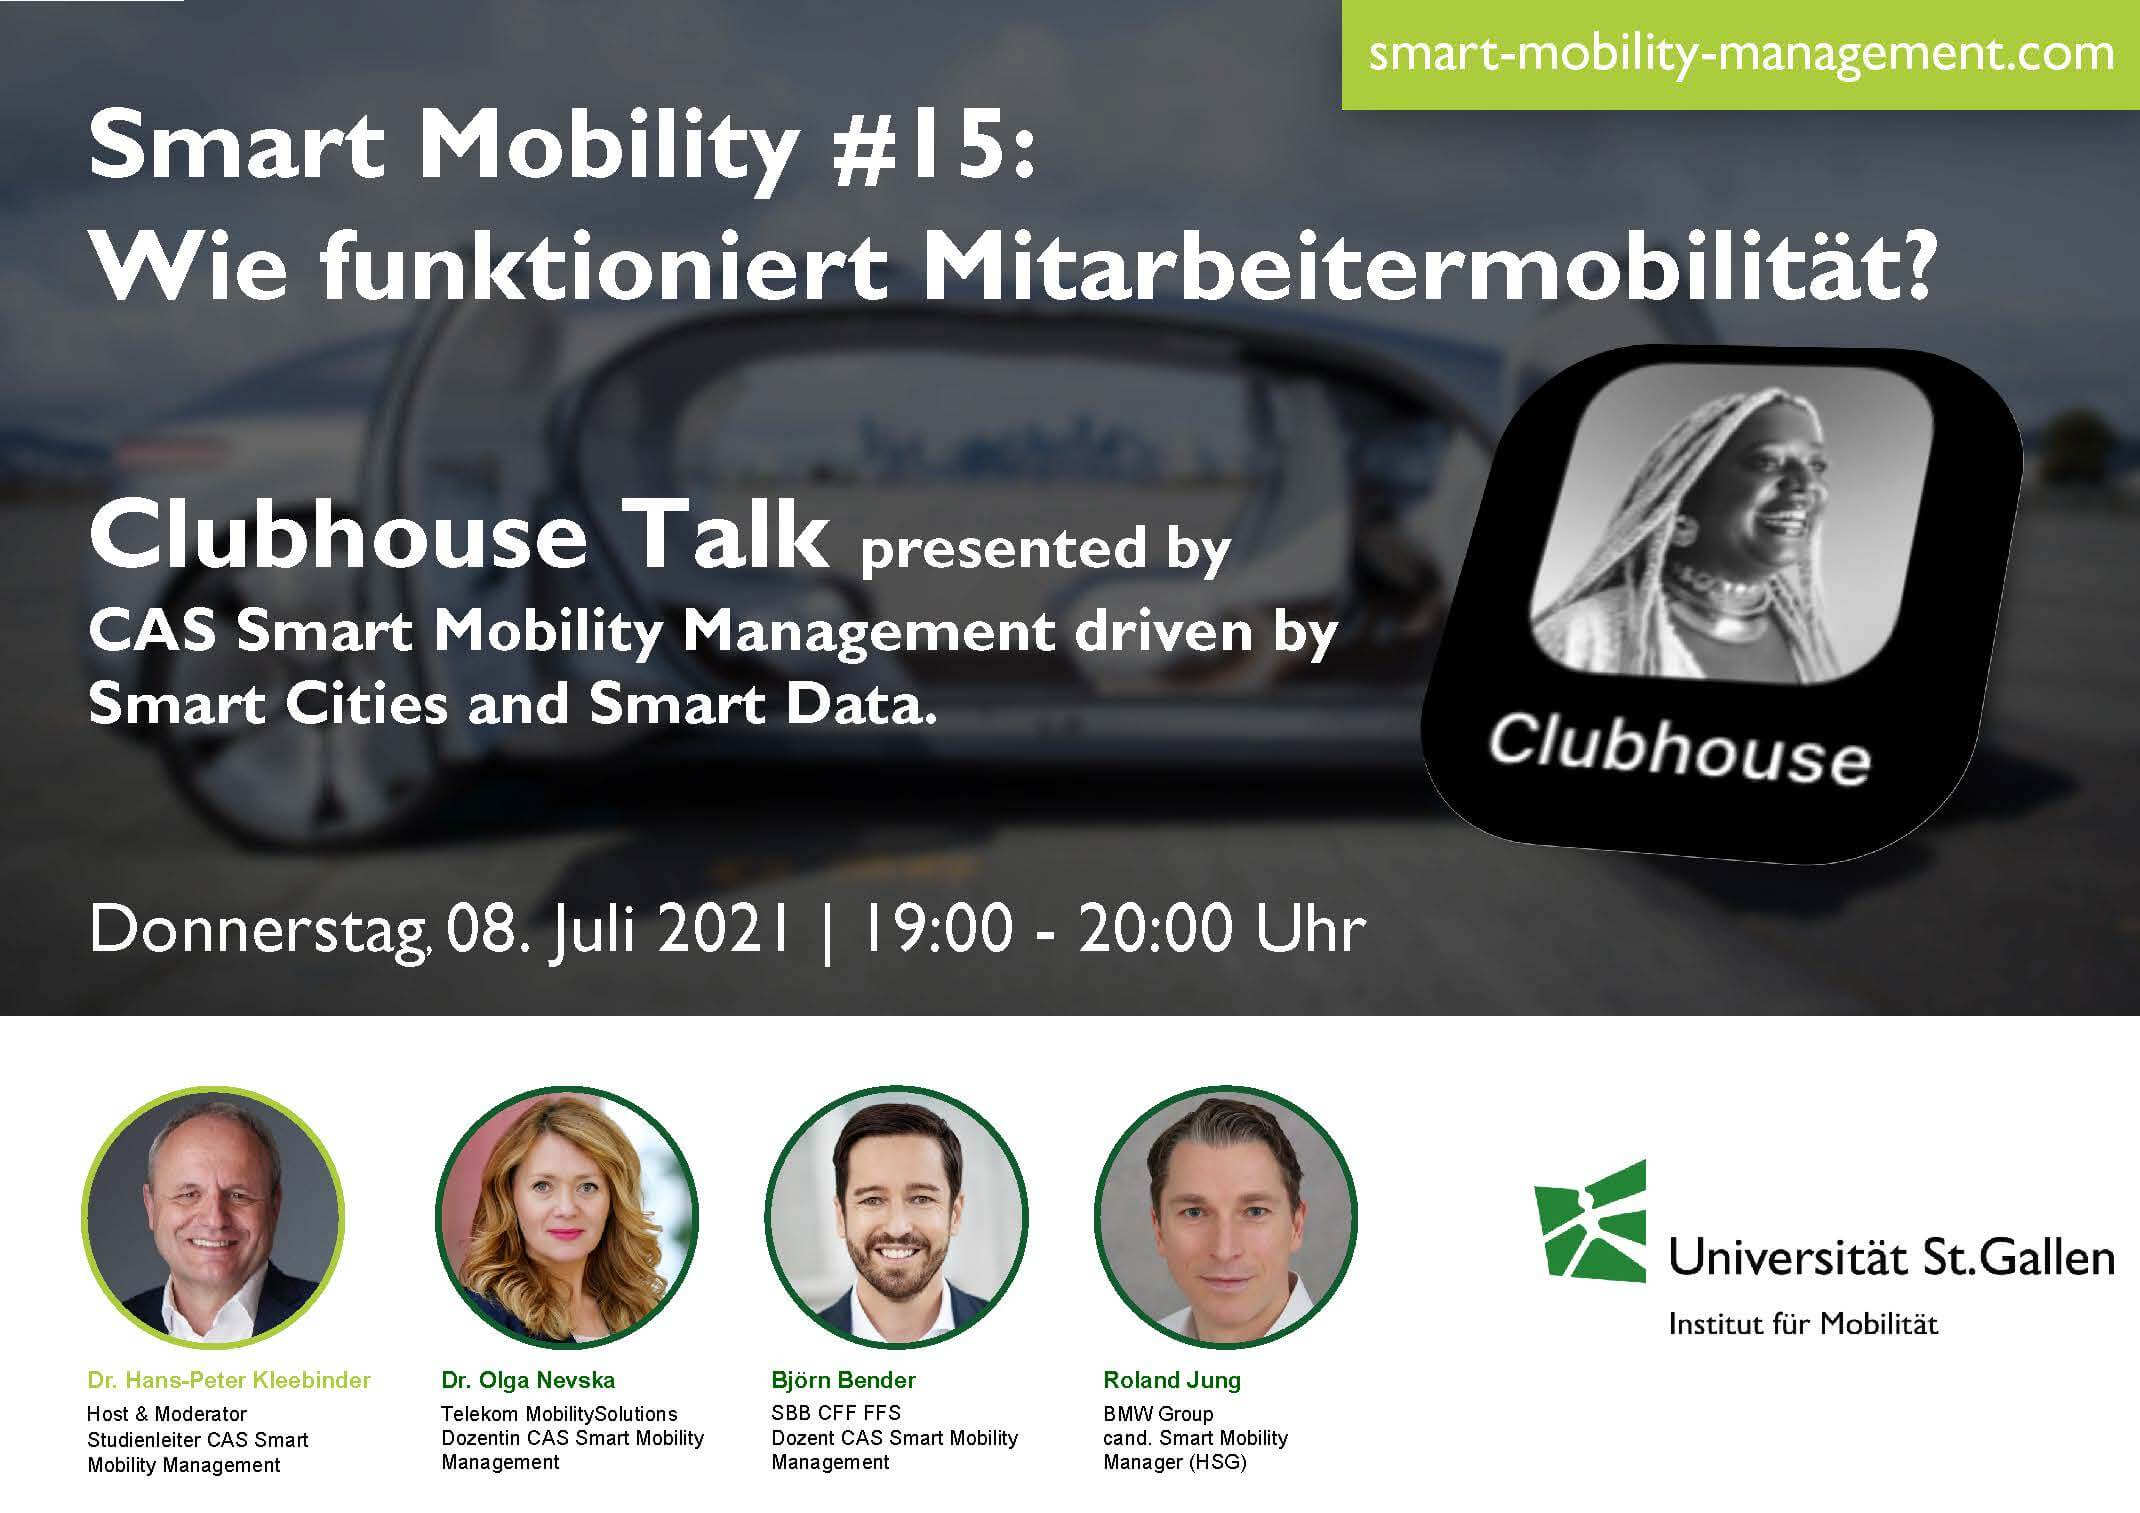 SmartMobility15